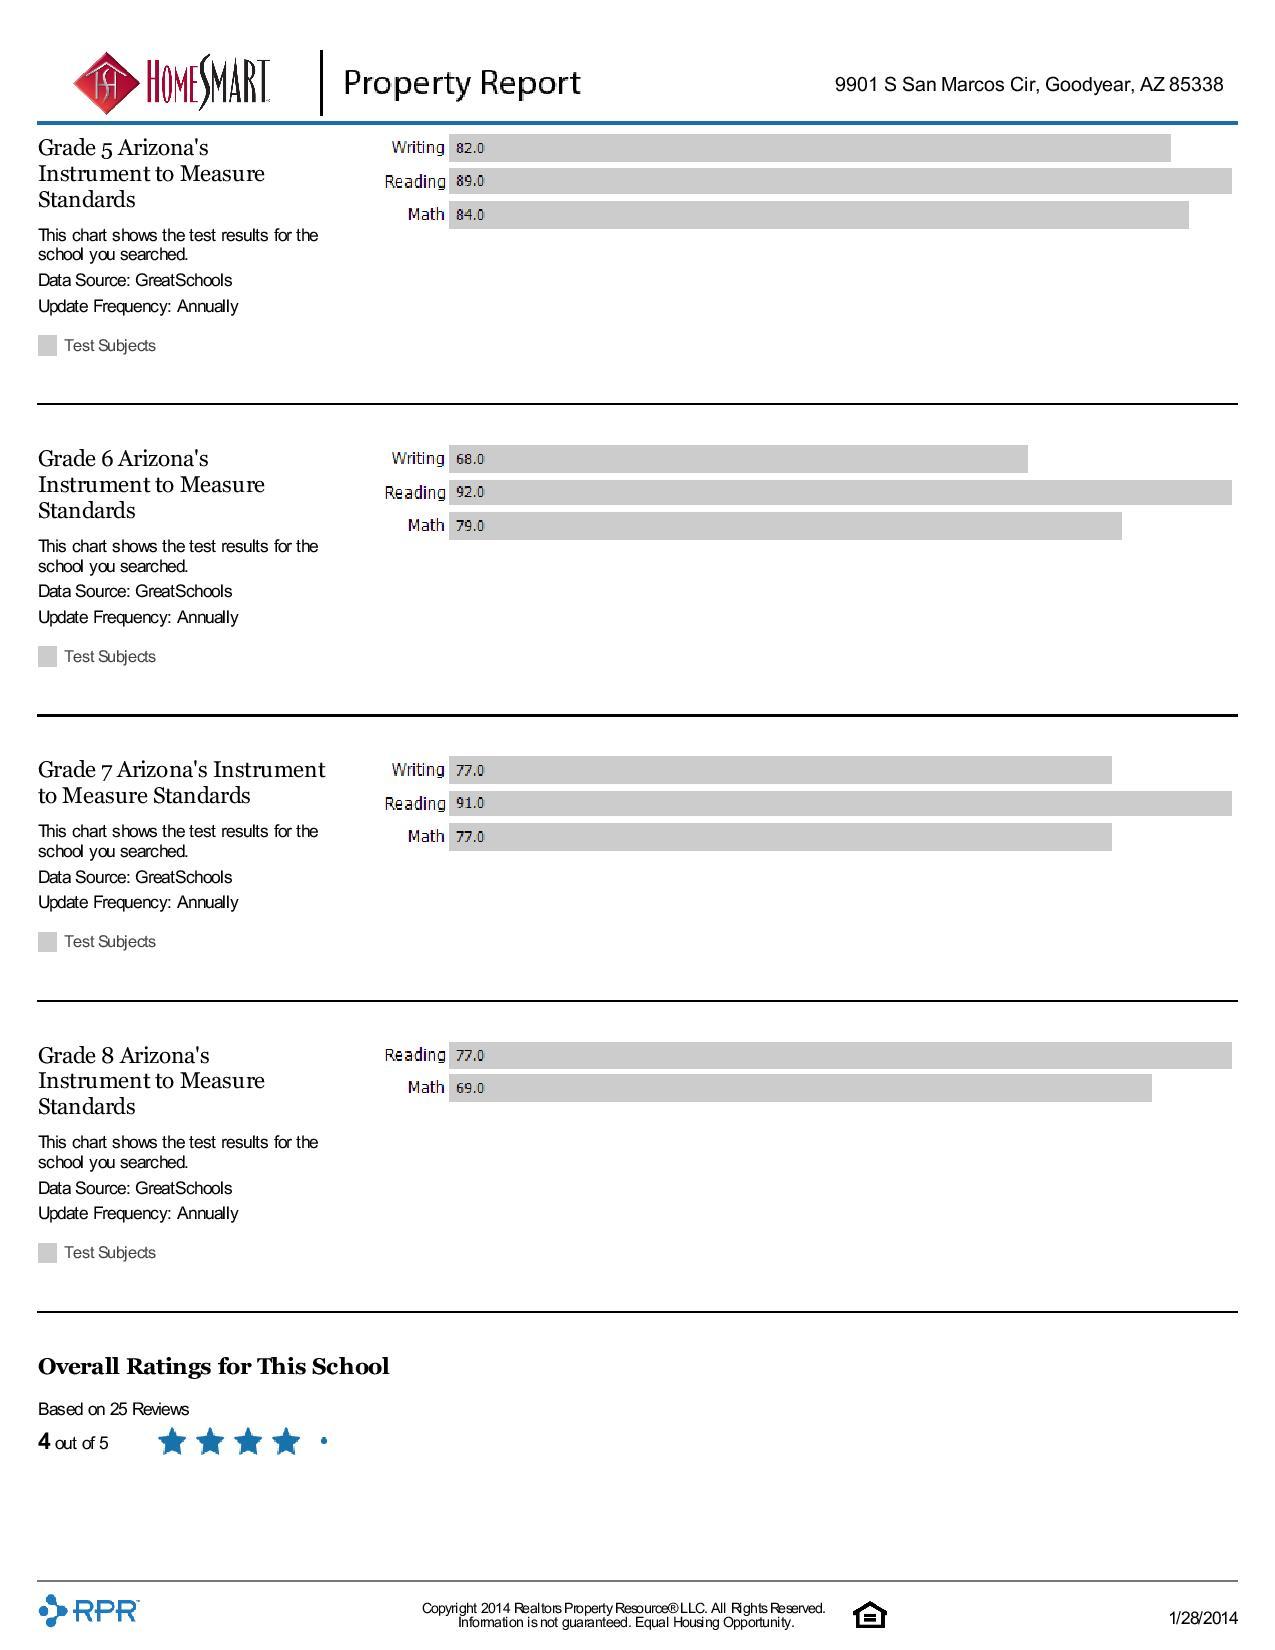 9901-S-San-Marcos-Cir-Goodyear-AZ-85338.pdf-page-016